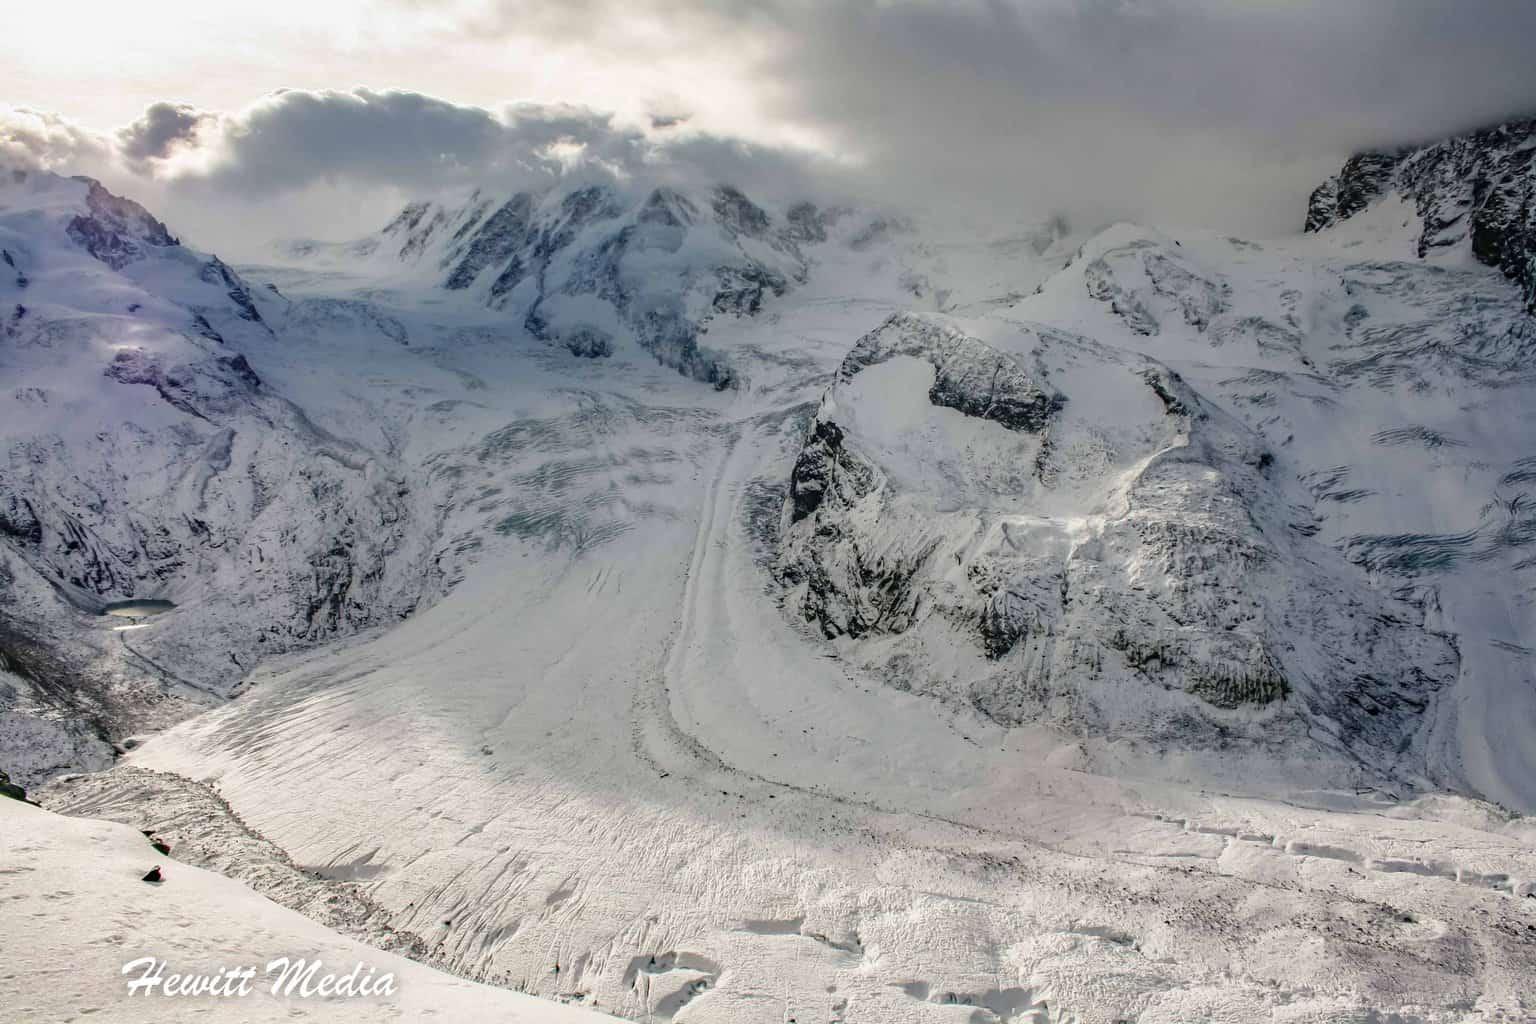 The Gorner Glacier